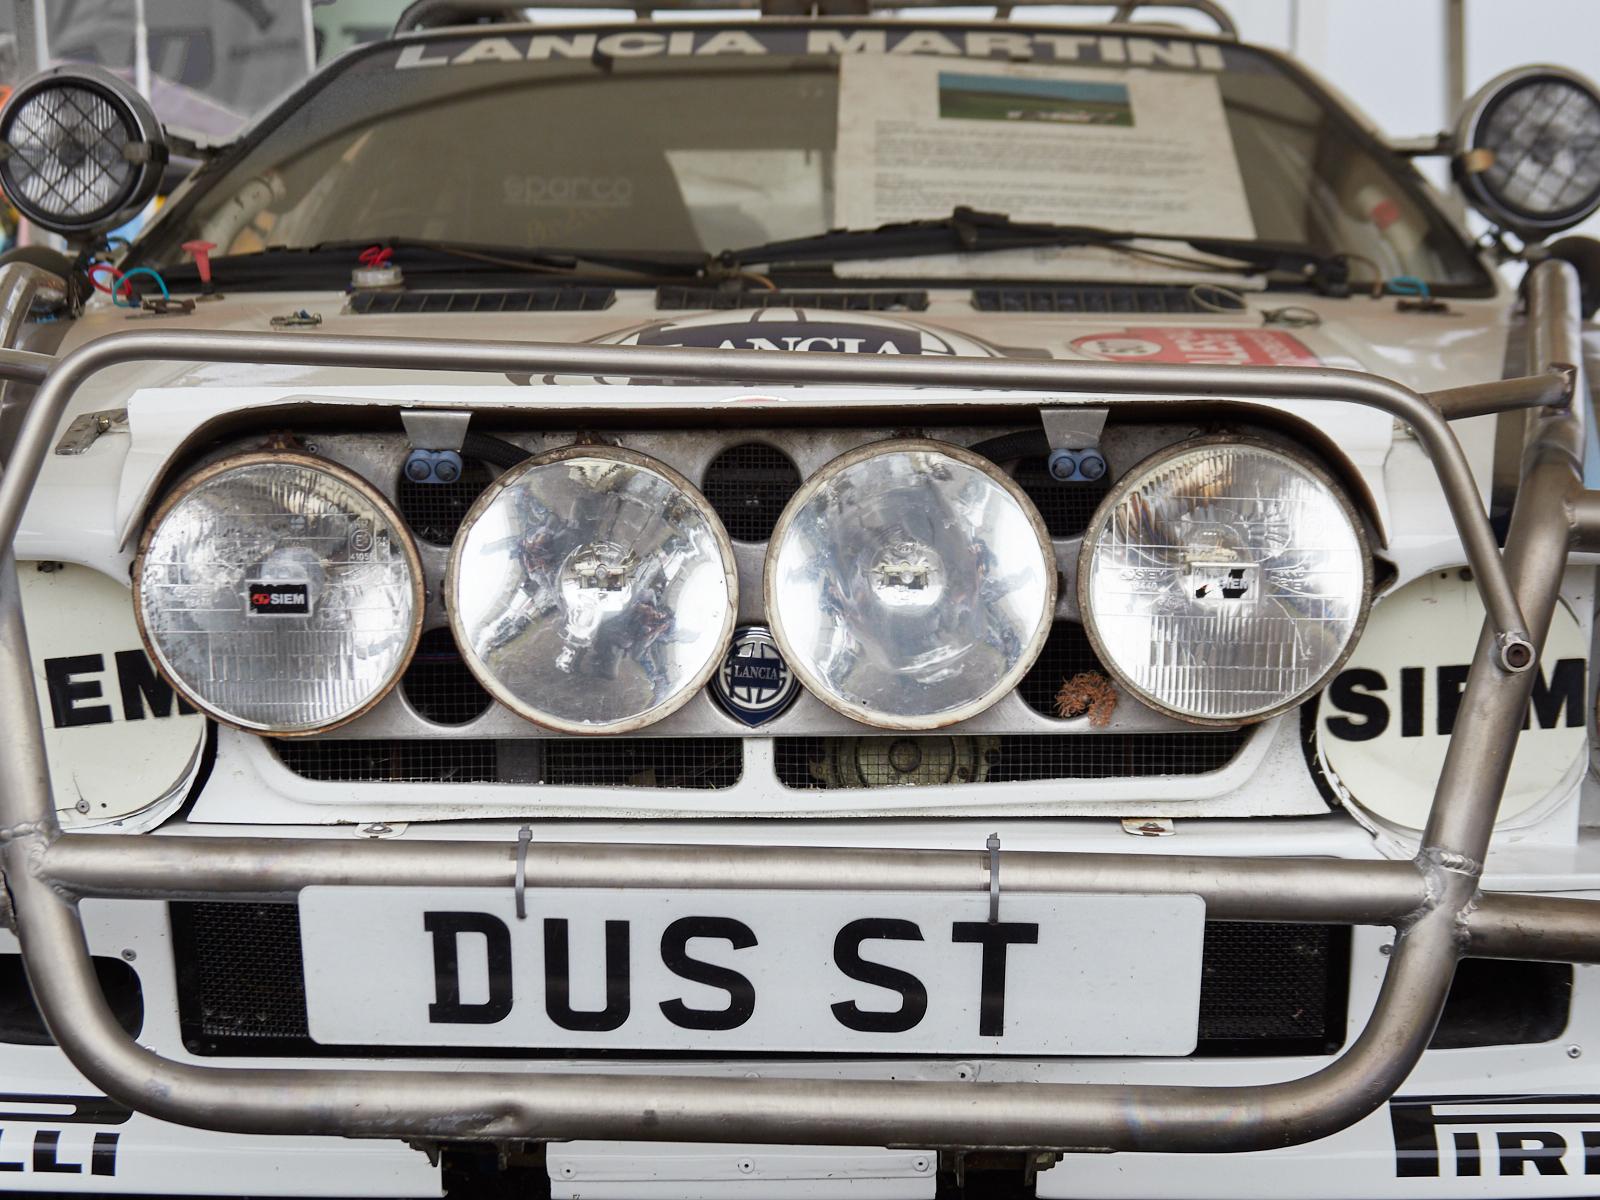 Lancia DUSST 1600x1200 sRGB.jpg